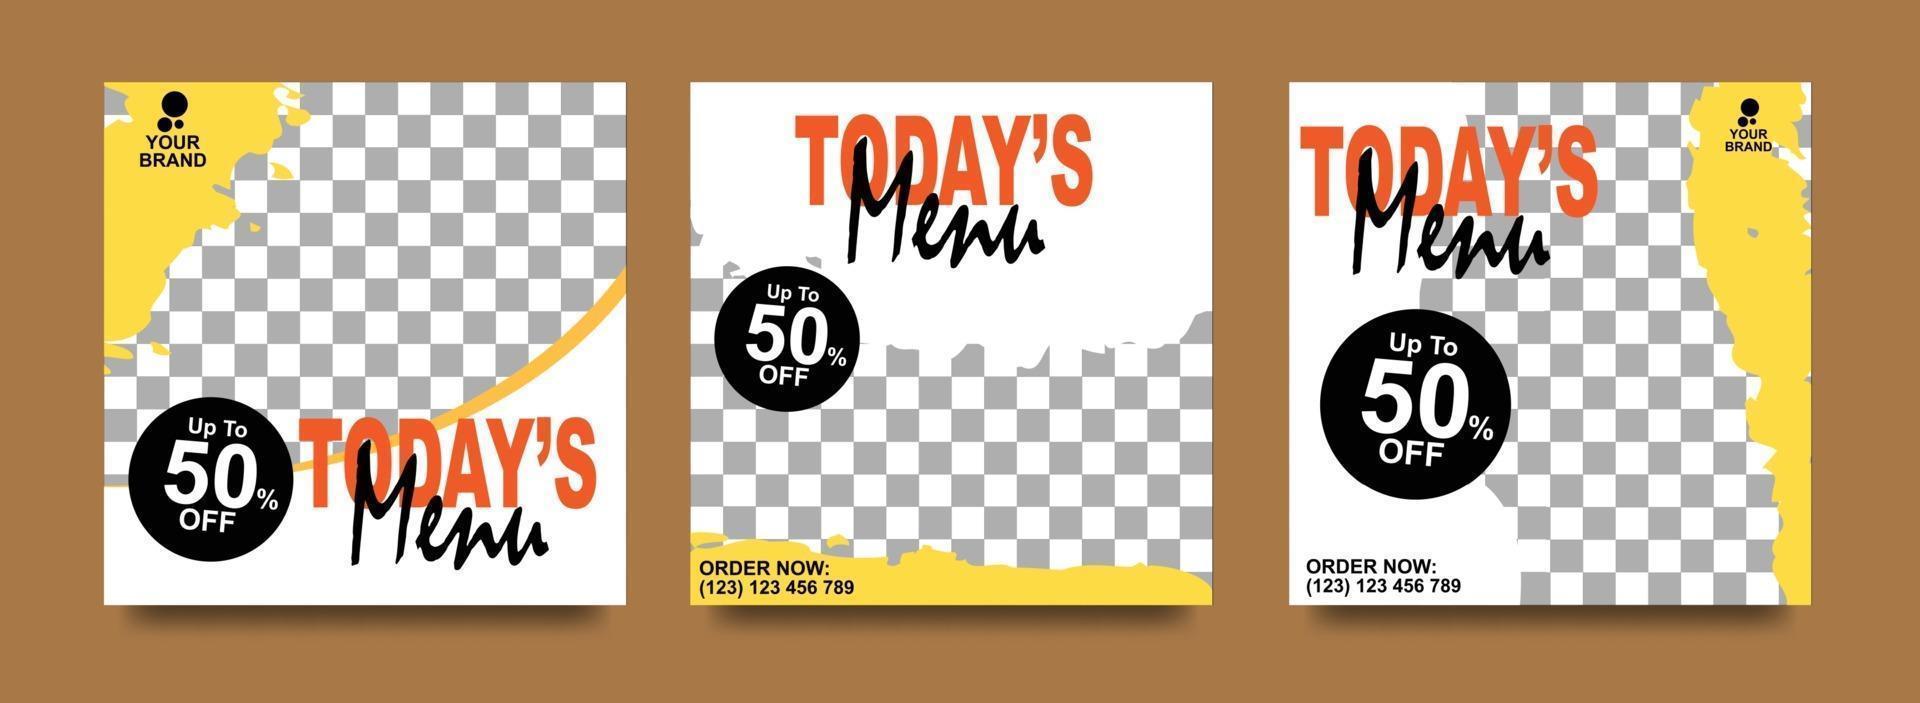 sociale media-banner voor levensmiddelenbedrijven. voedsel sociale mediasjabloon voor restaurantzaken. moderne sociale sjabloon postbanner. voedselkorting post-sjabloon. vector